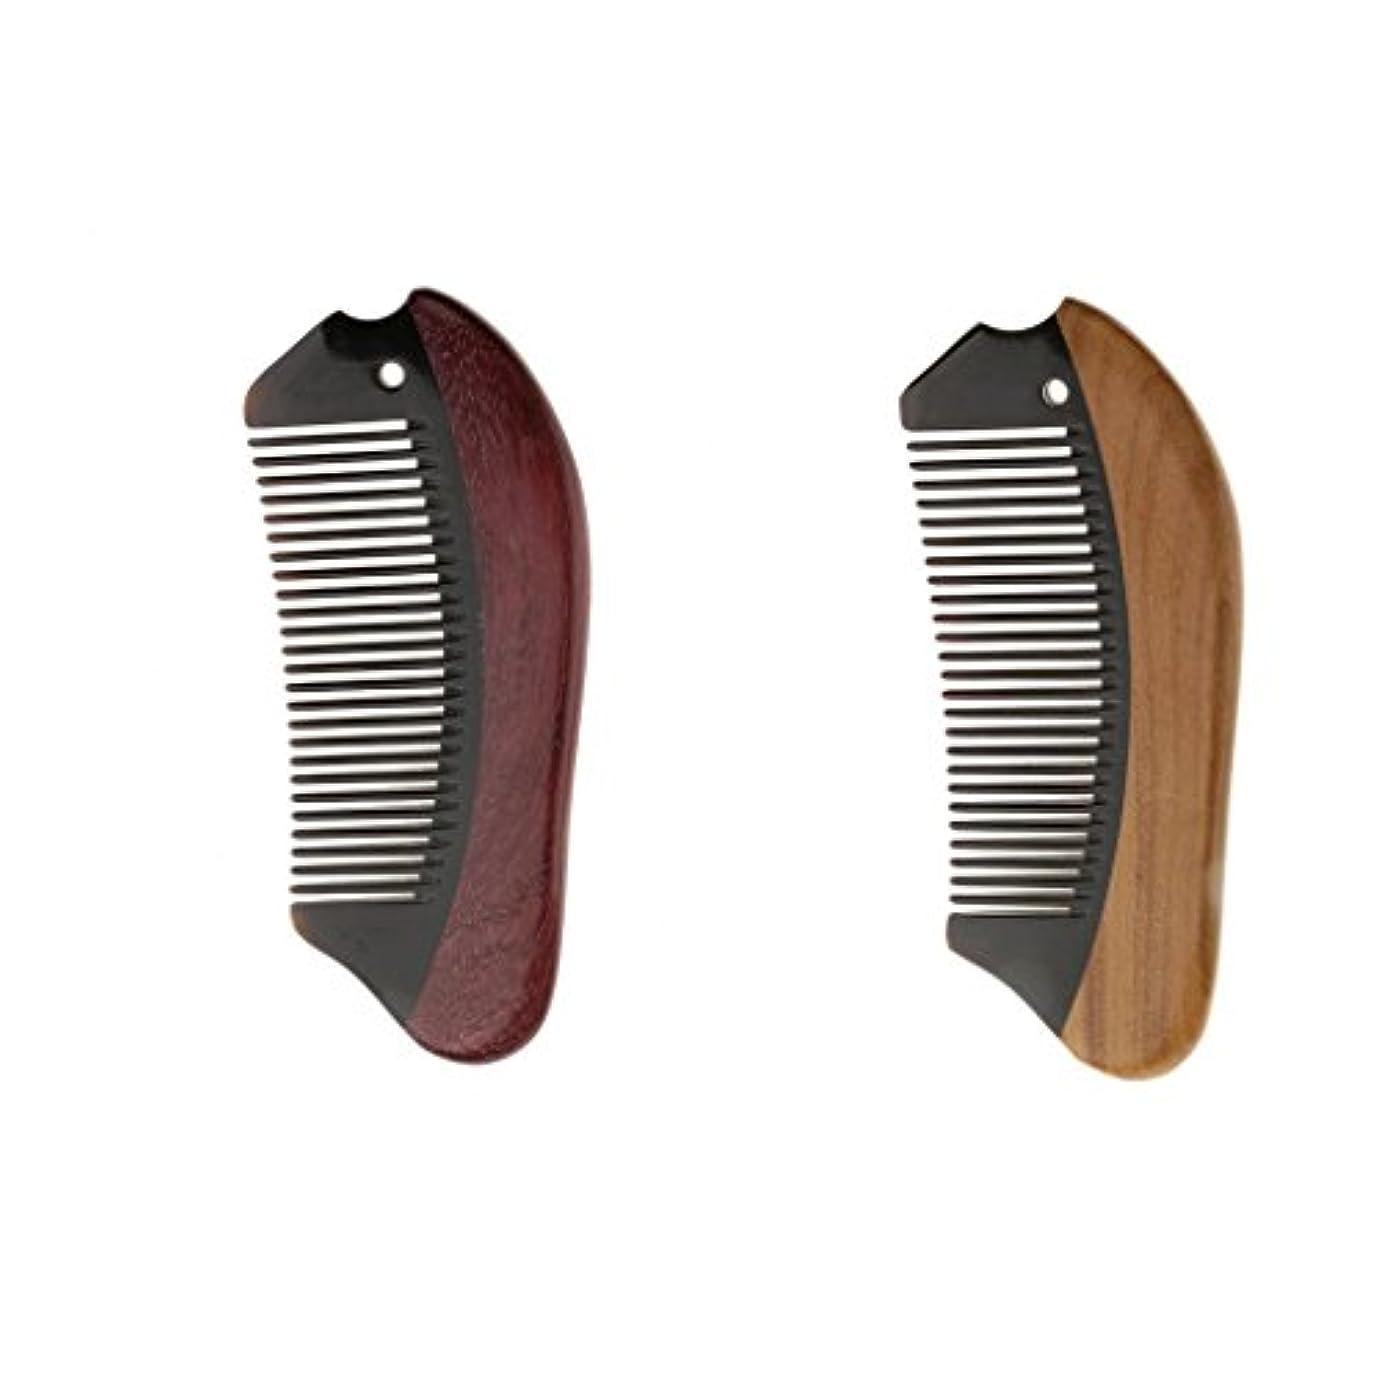 野望ベーシック絶壁Homyl 2個 木製 櫛 コーム 静電気防止 マッサージ 高品質 プレゼント 滑らか 快適